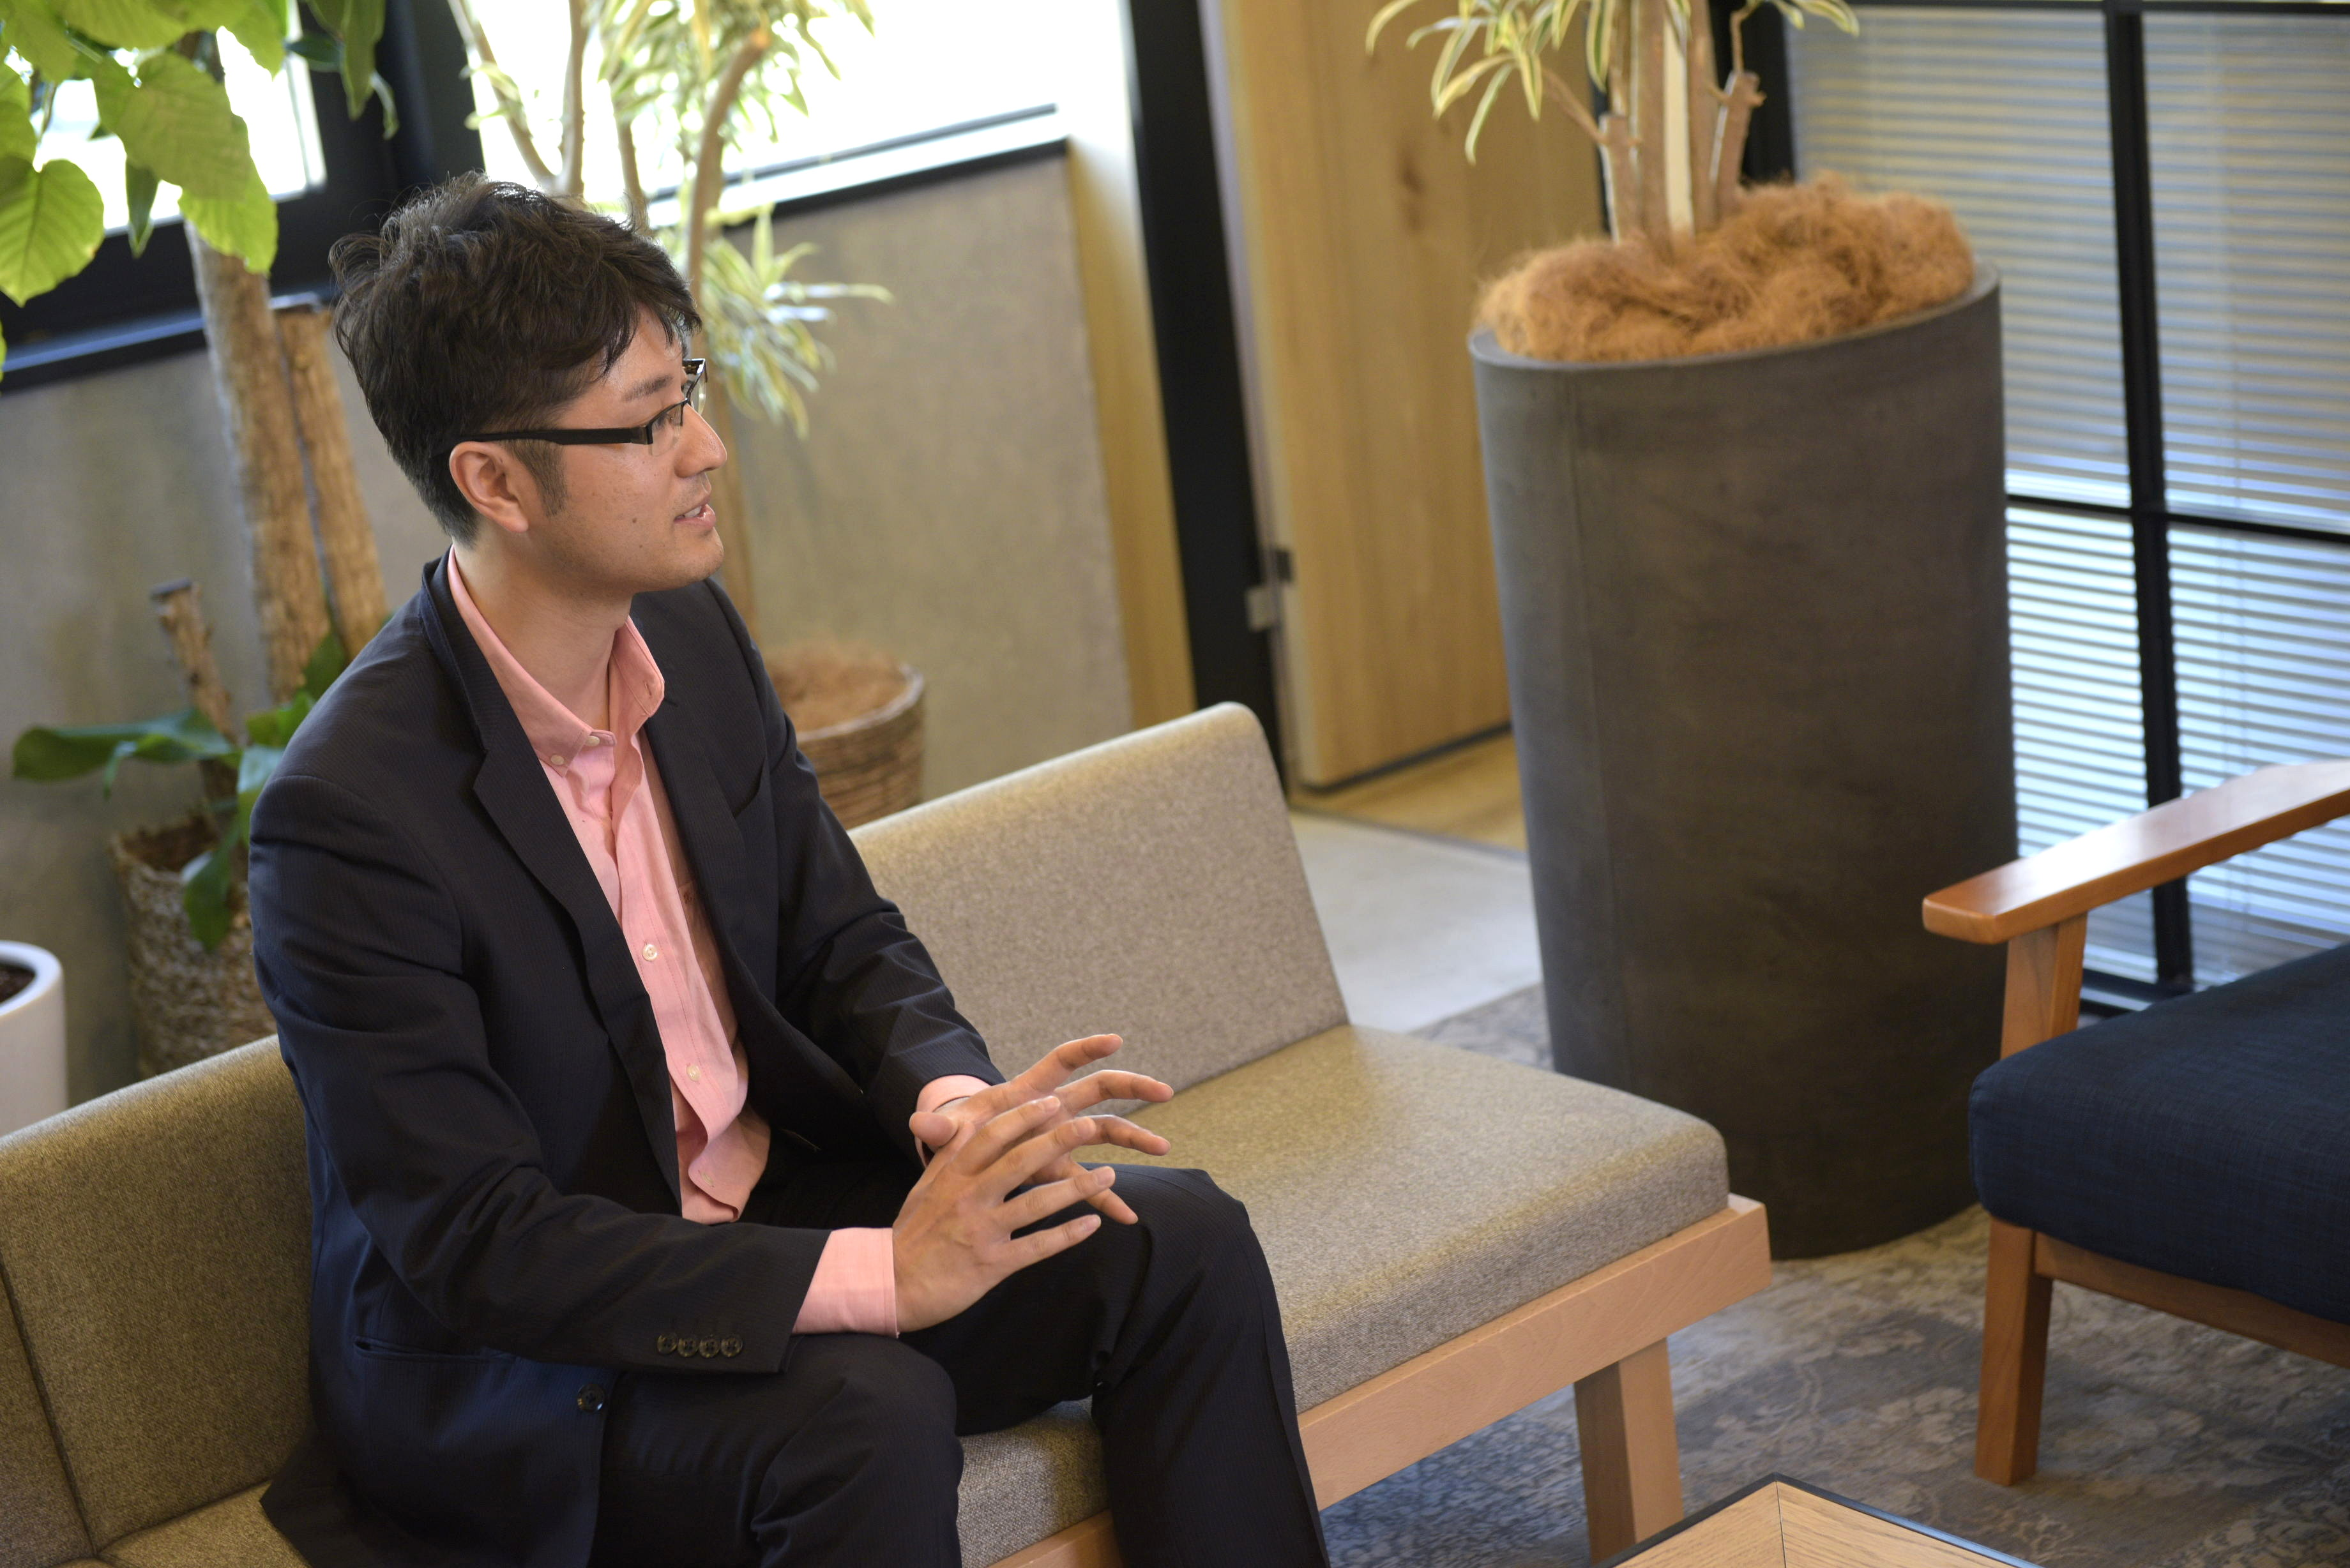 賃金の前払いサービスが世界の金融難民を救う−−Doreming CEO 高崎将紘